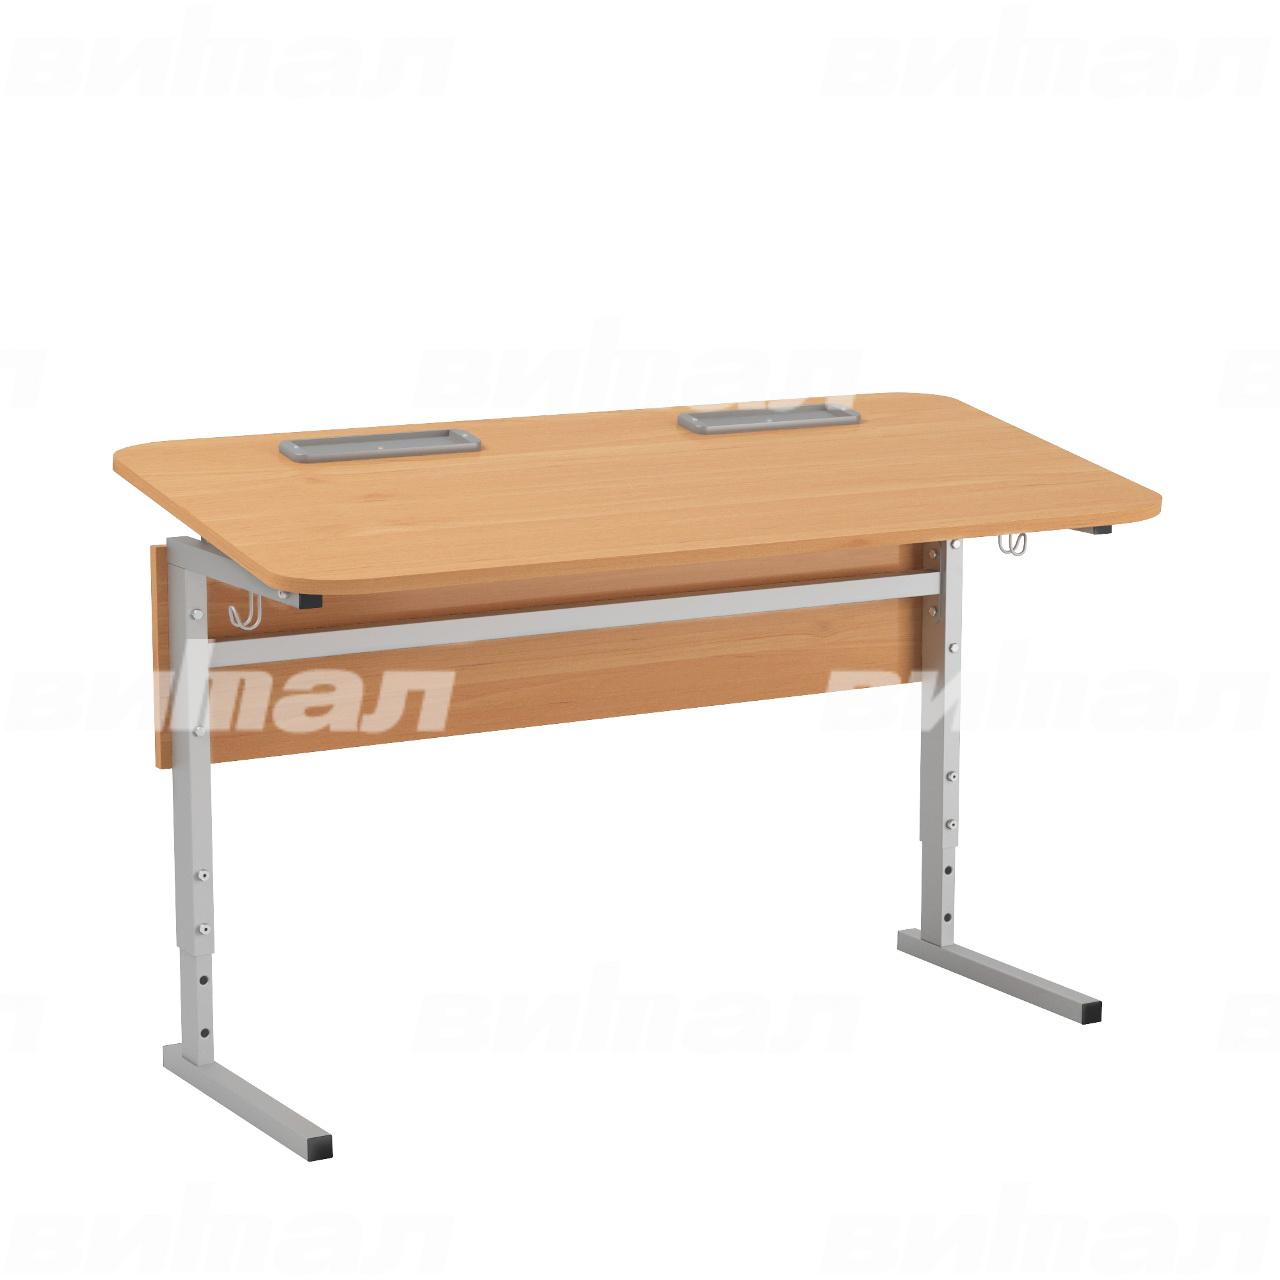 Стол 2-местный регулир. высота и наклон столешницы 0-10° (гр 2-4, 3-5 или 4-6) серый Ольха 4-6 Меламин прямоугольная